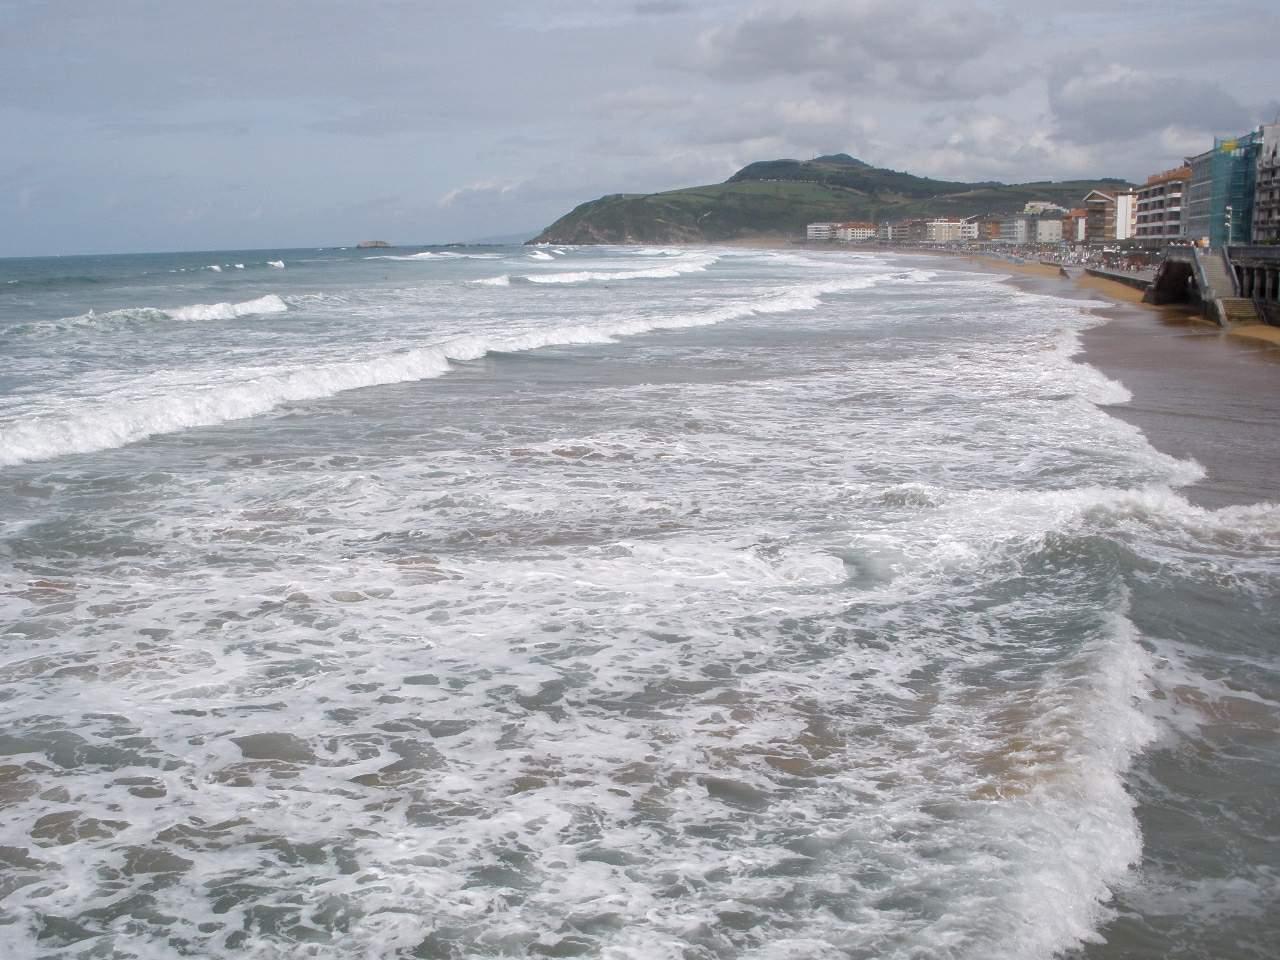 File:Zarauz - Playa 1.jpg - Wikimedia Commons